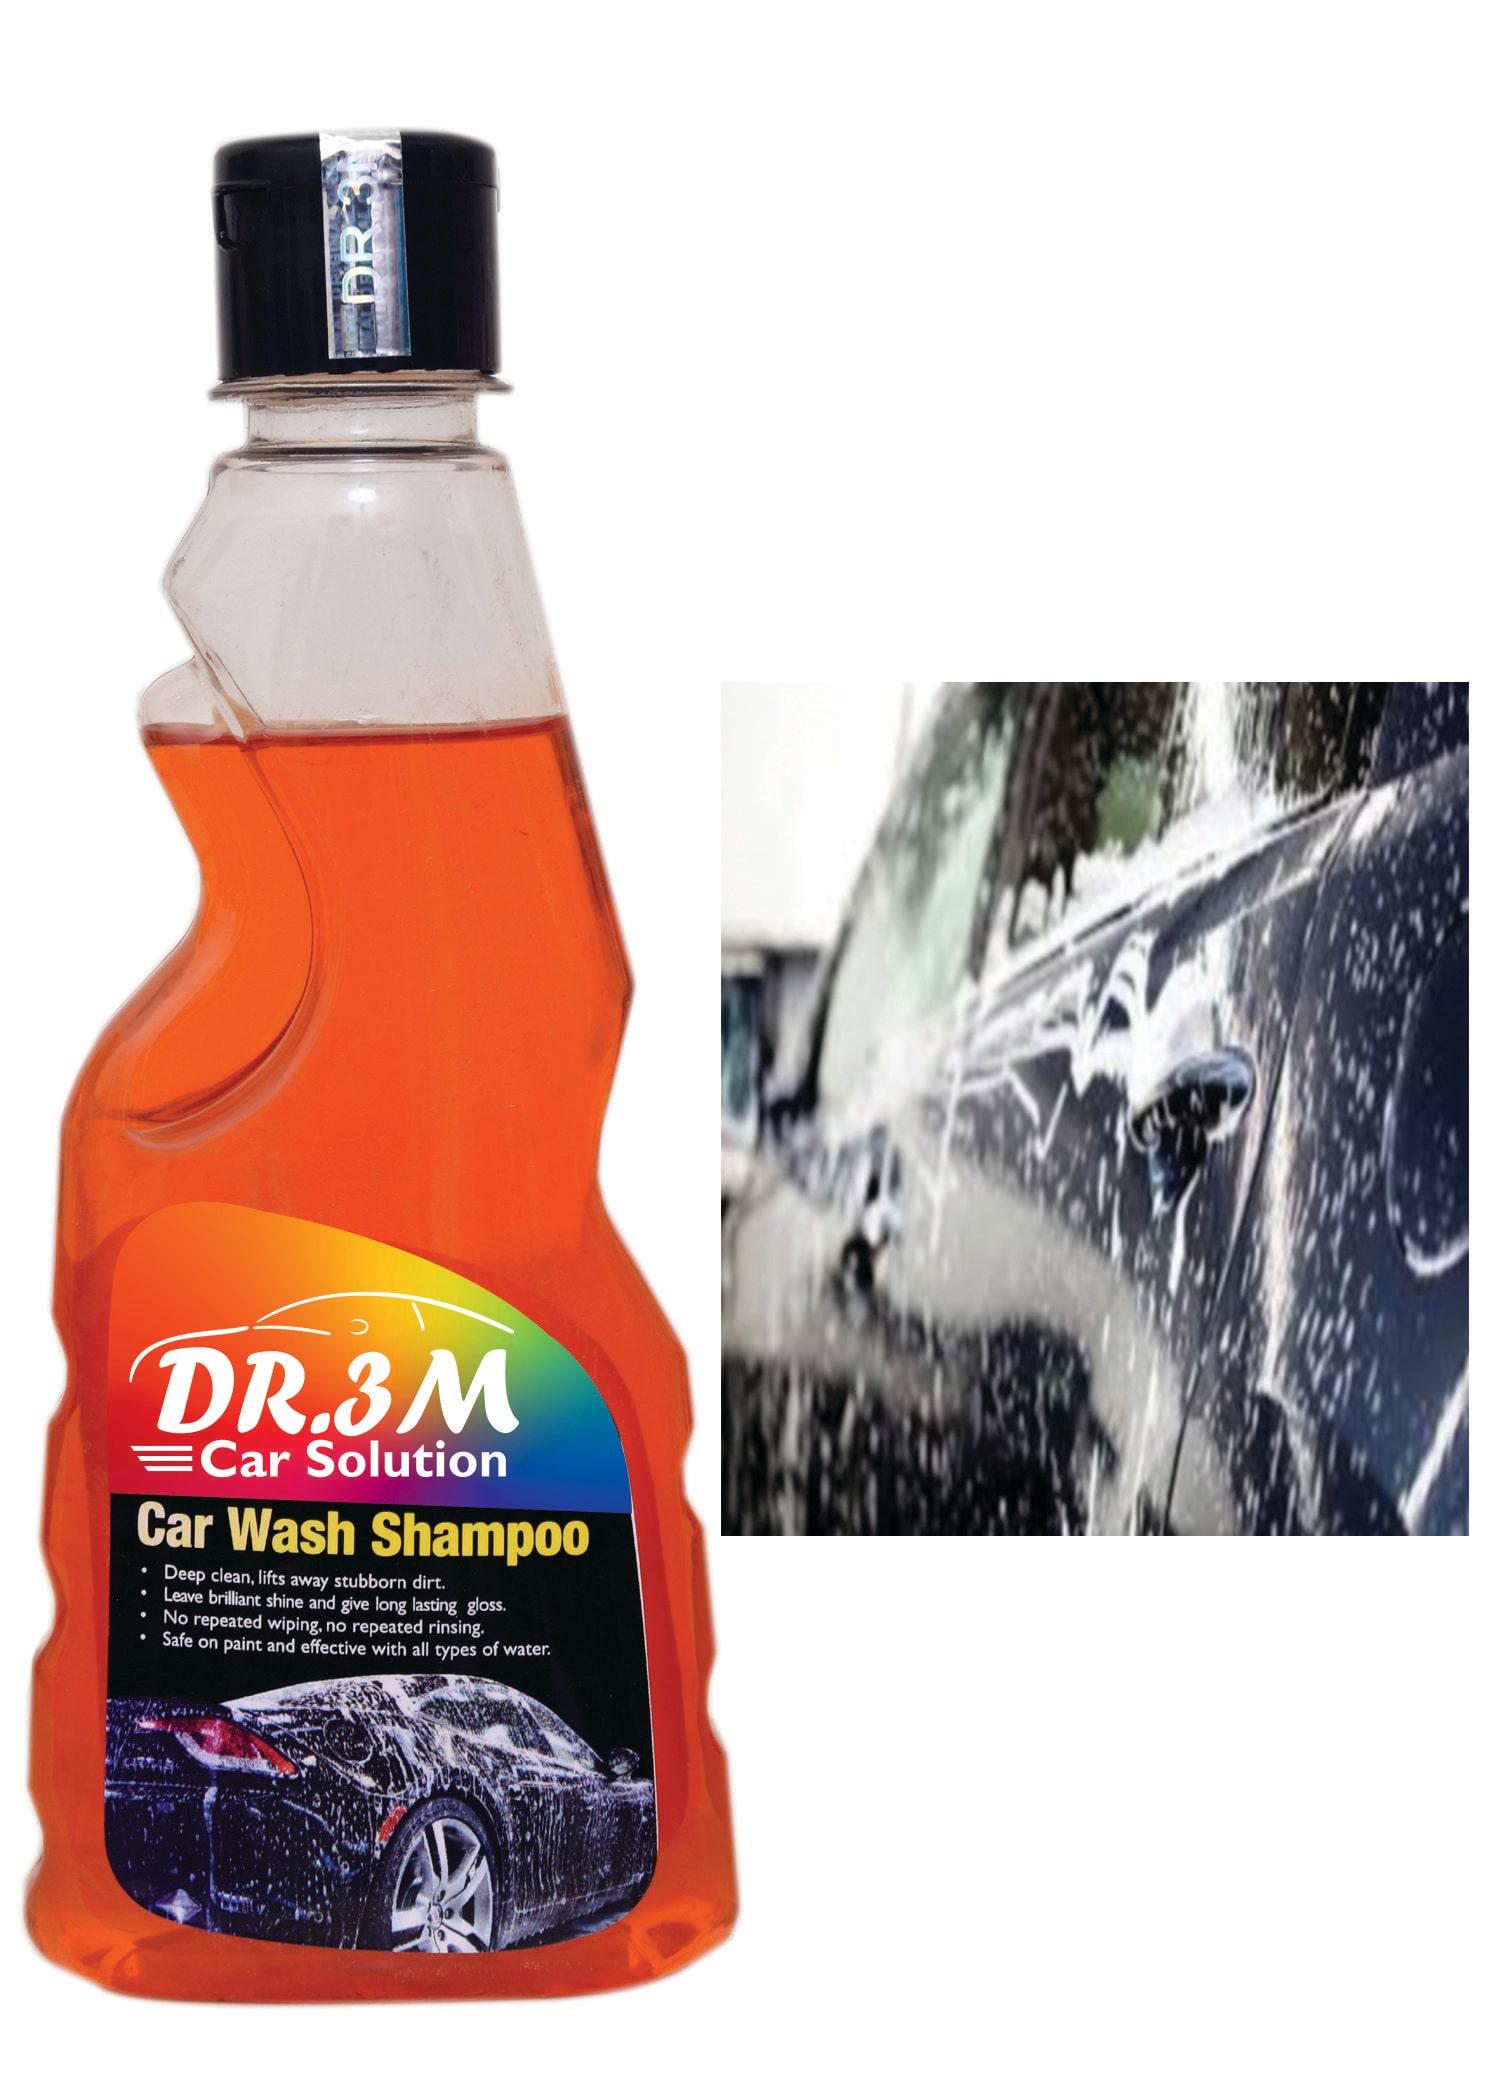 CAR WASH SHAMPOO 250ml. by DR3M